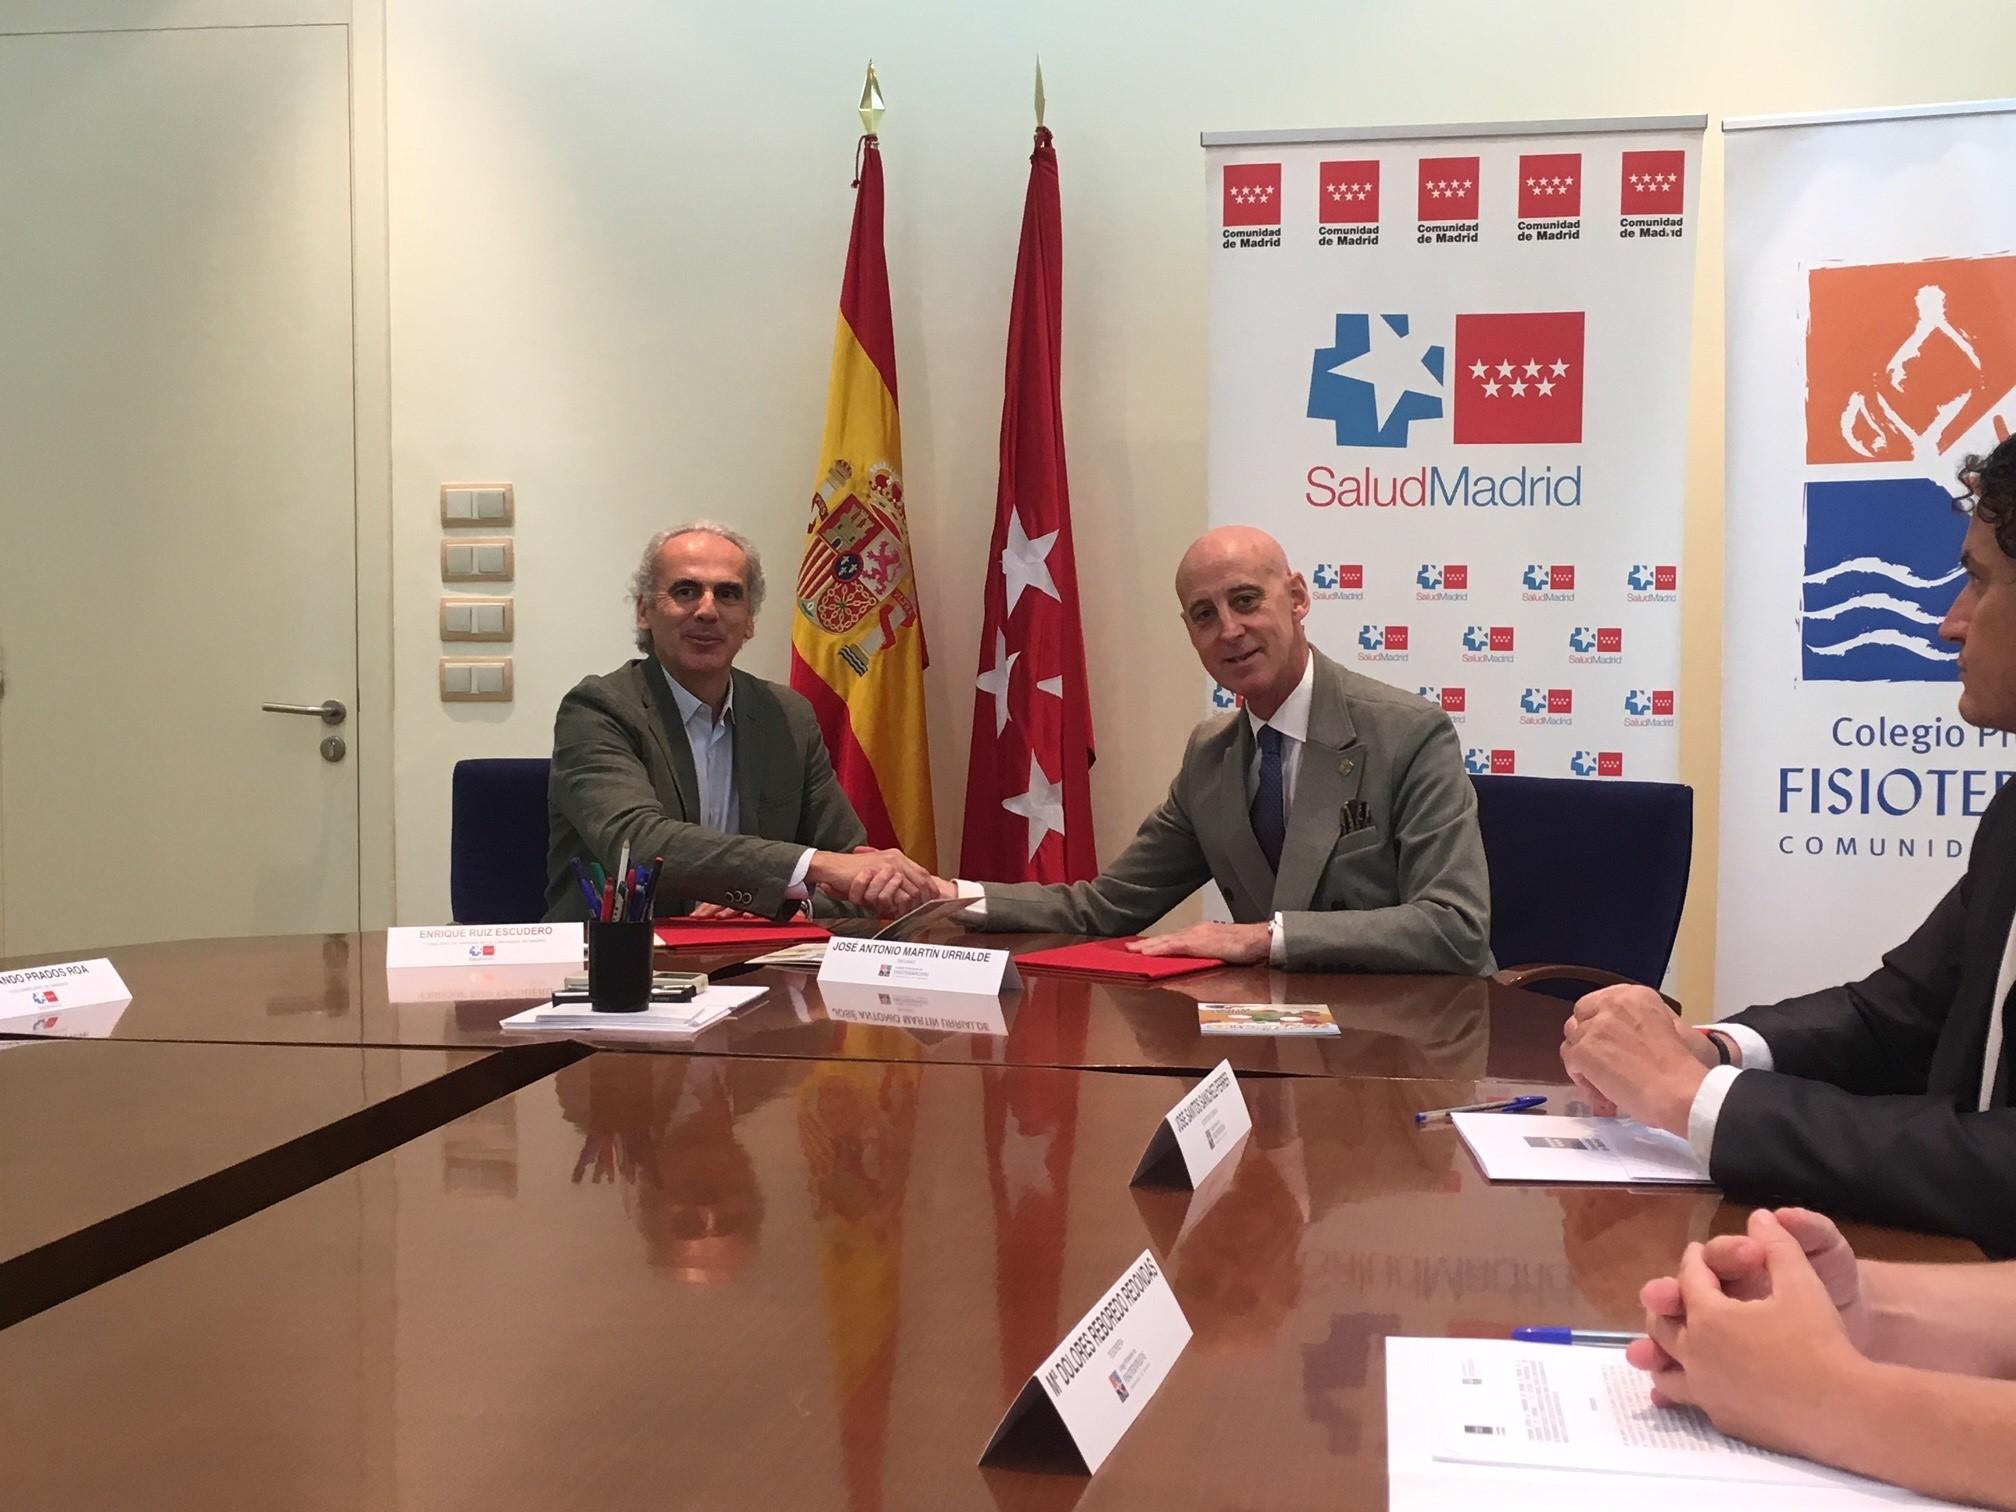 El Colegio de Fisioterapeutas de Madrid entra en la Escuela Madrileña de Salud